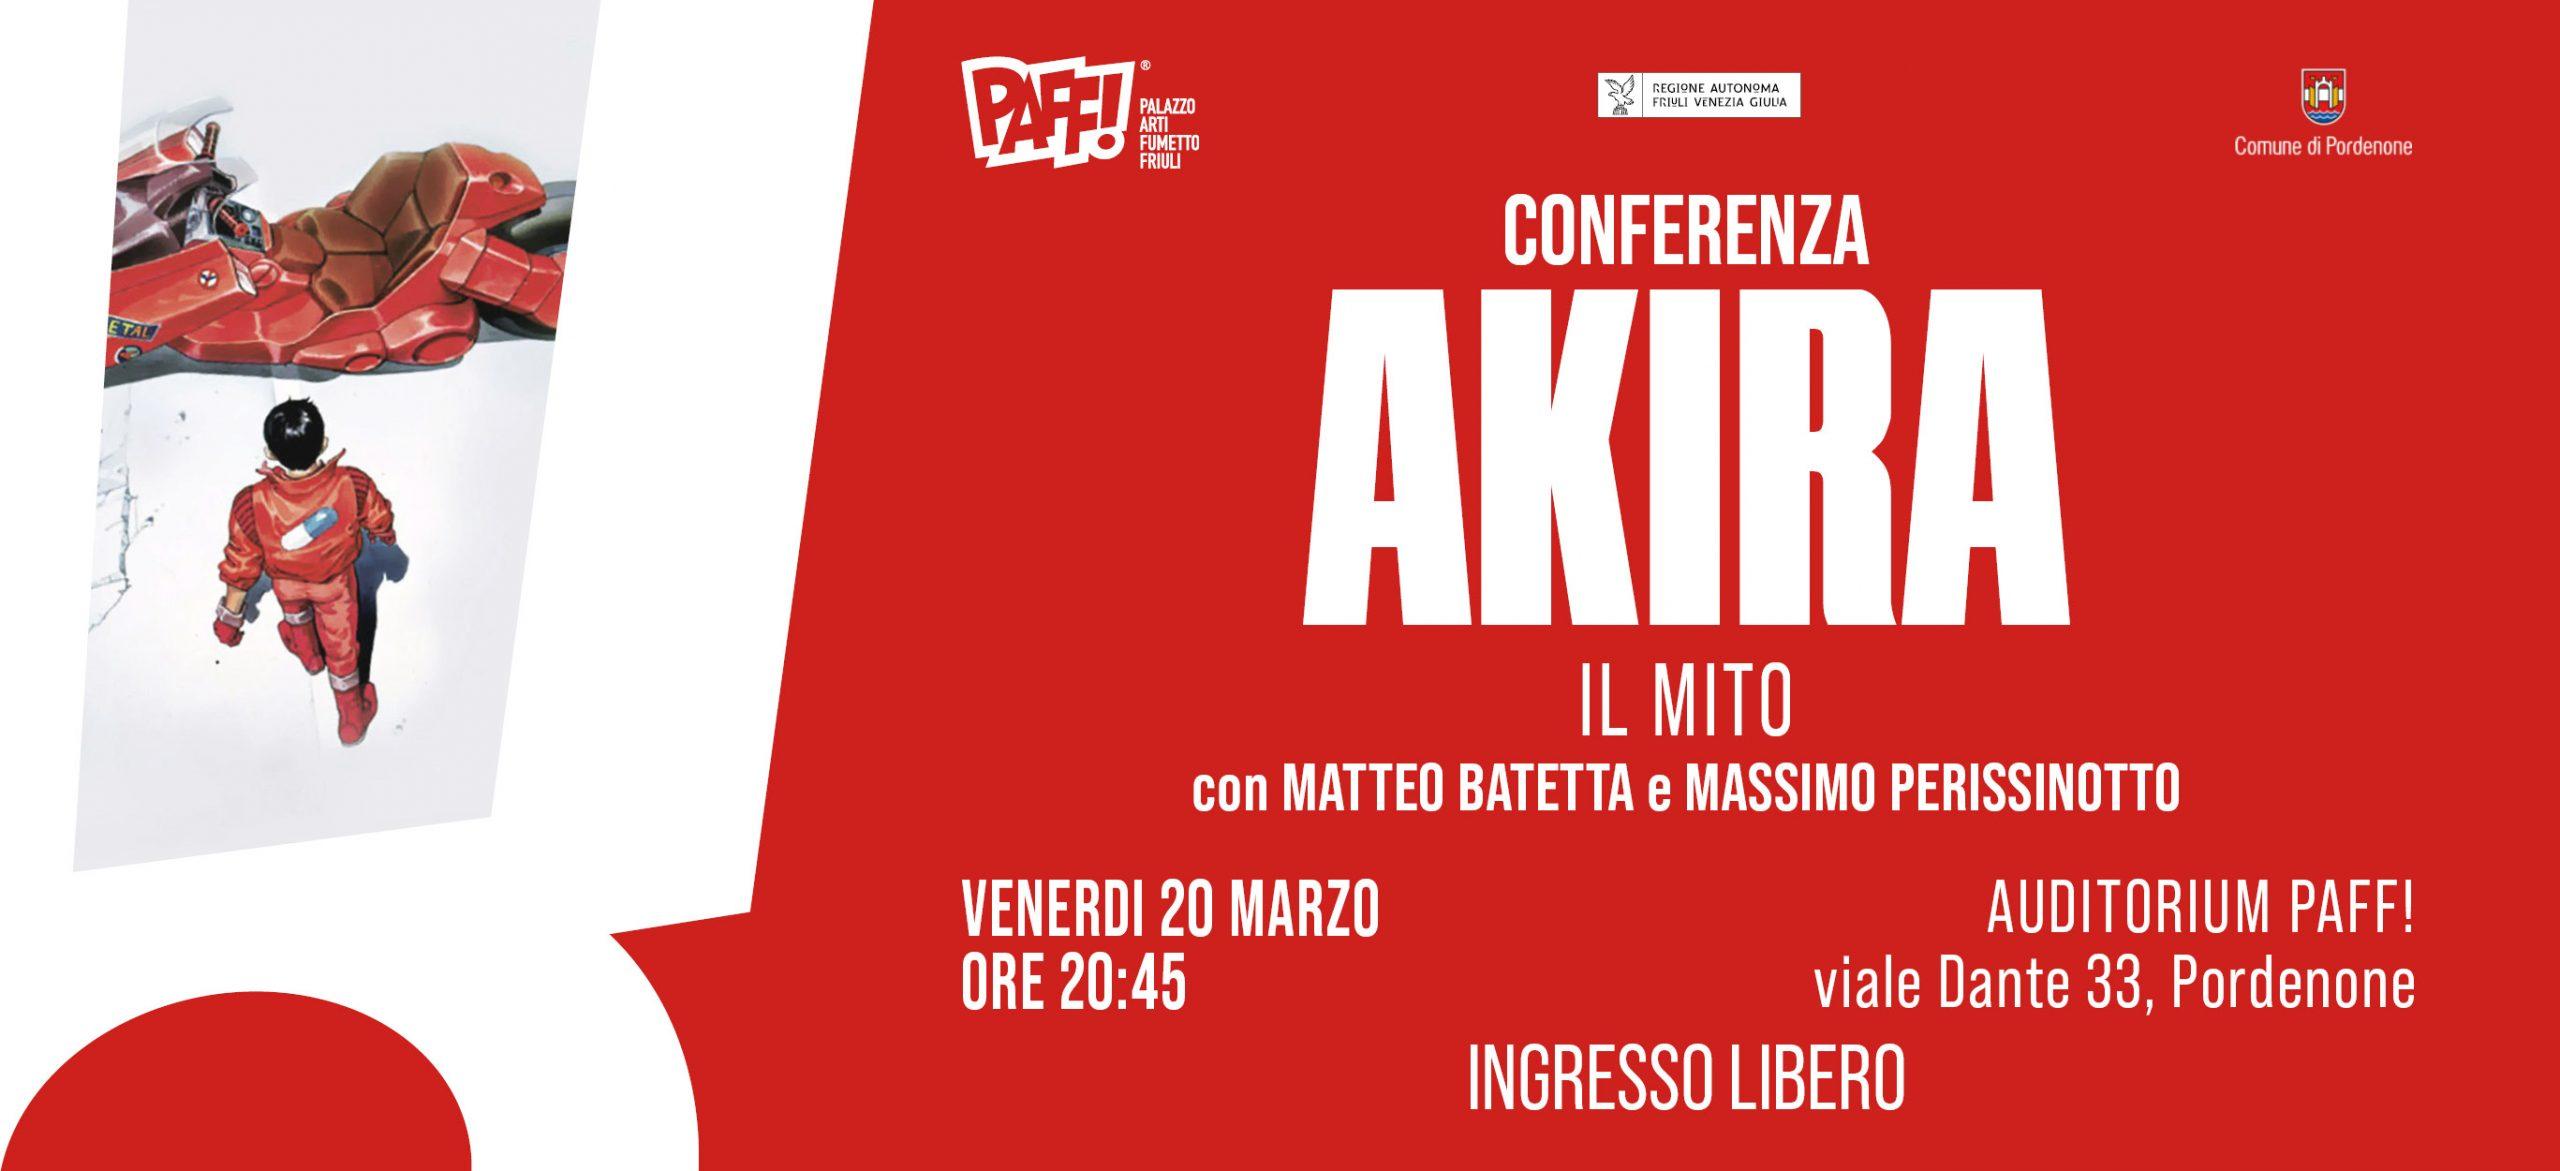 Conferenza Akira, Il Mito